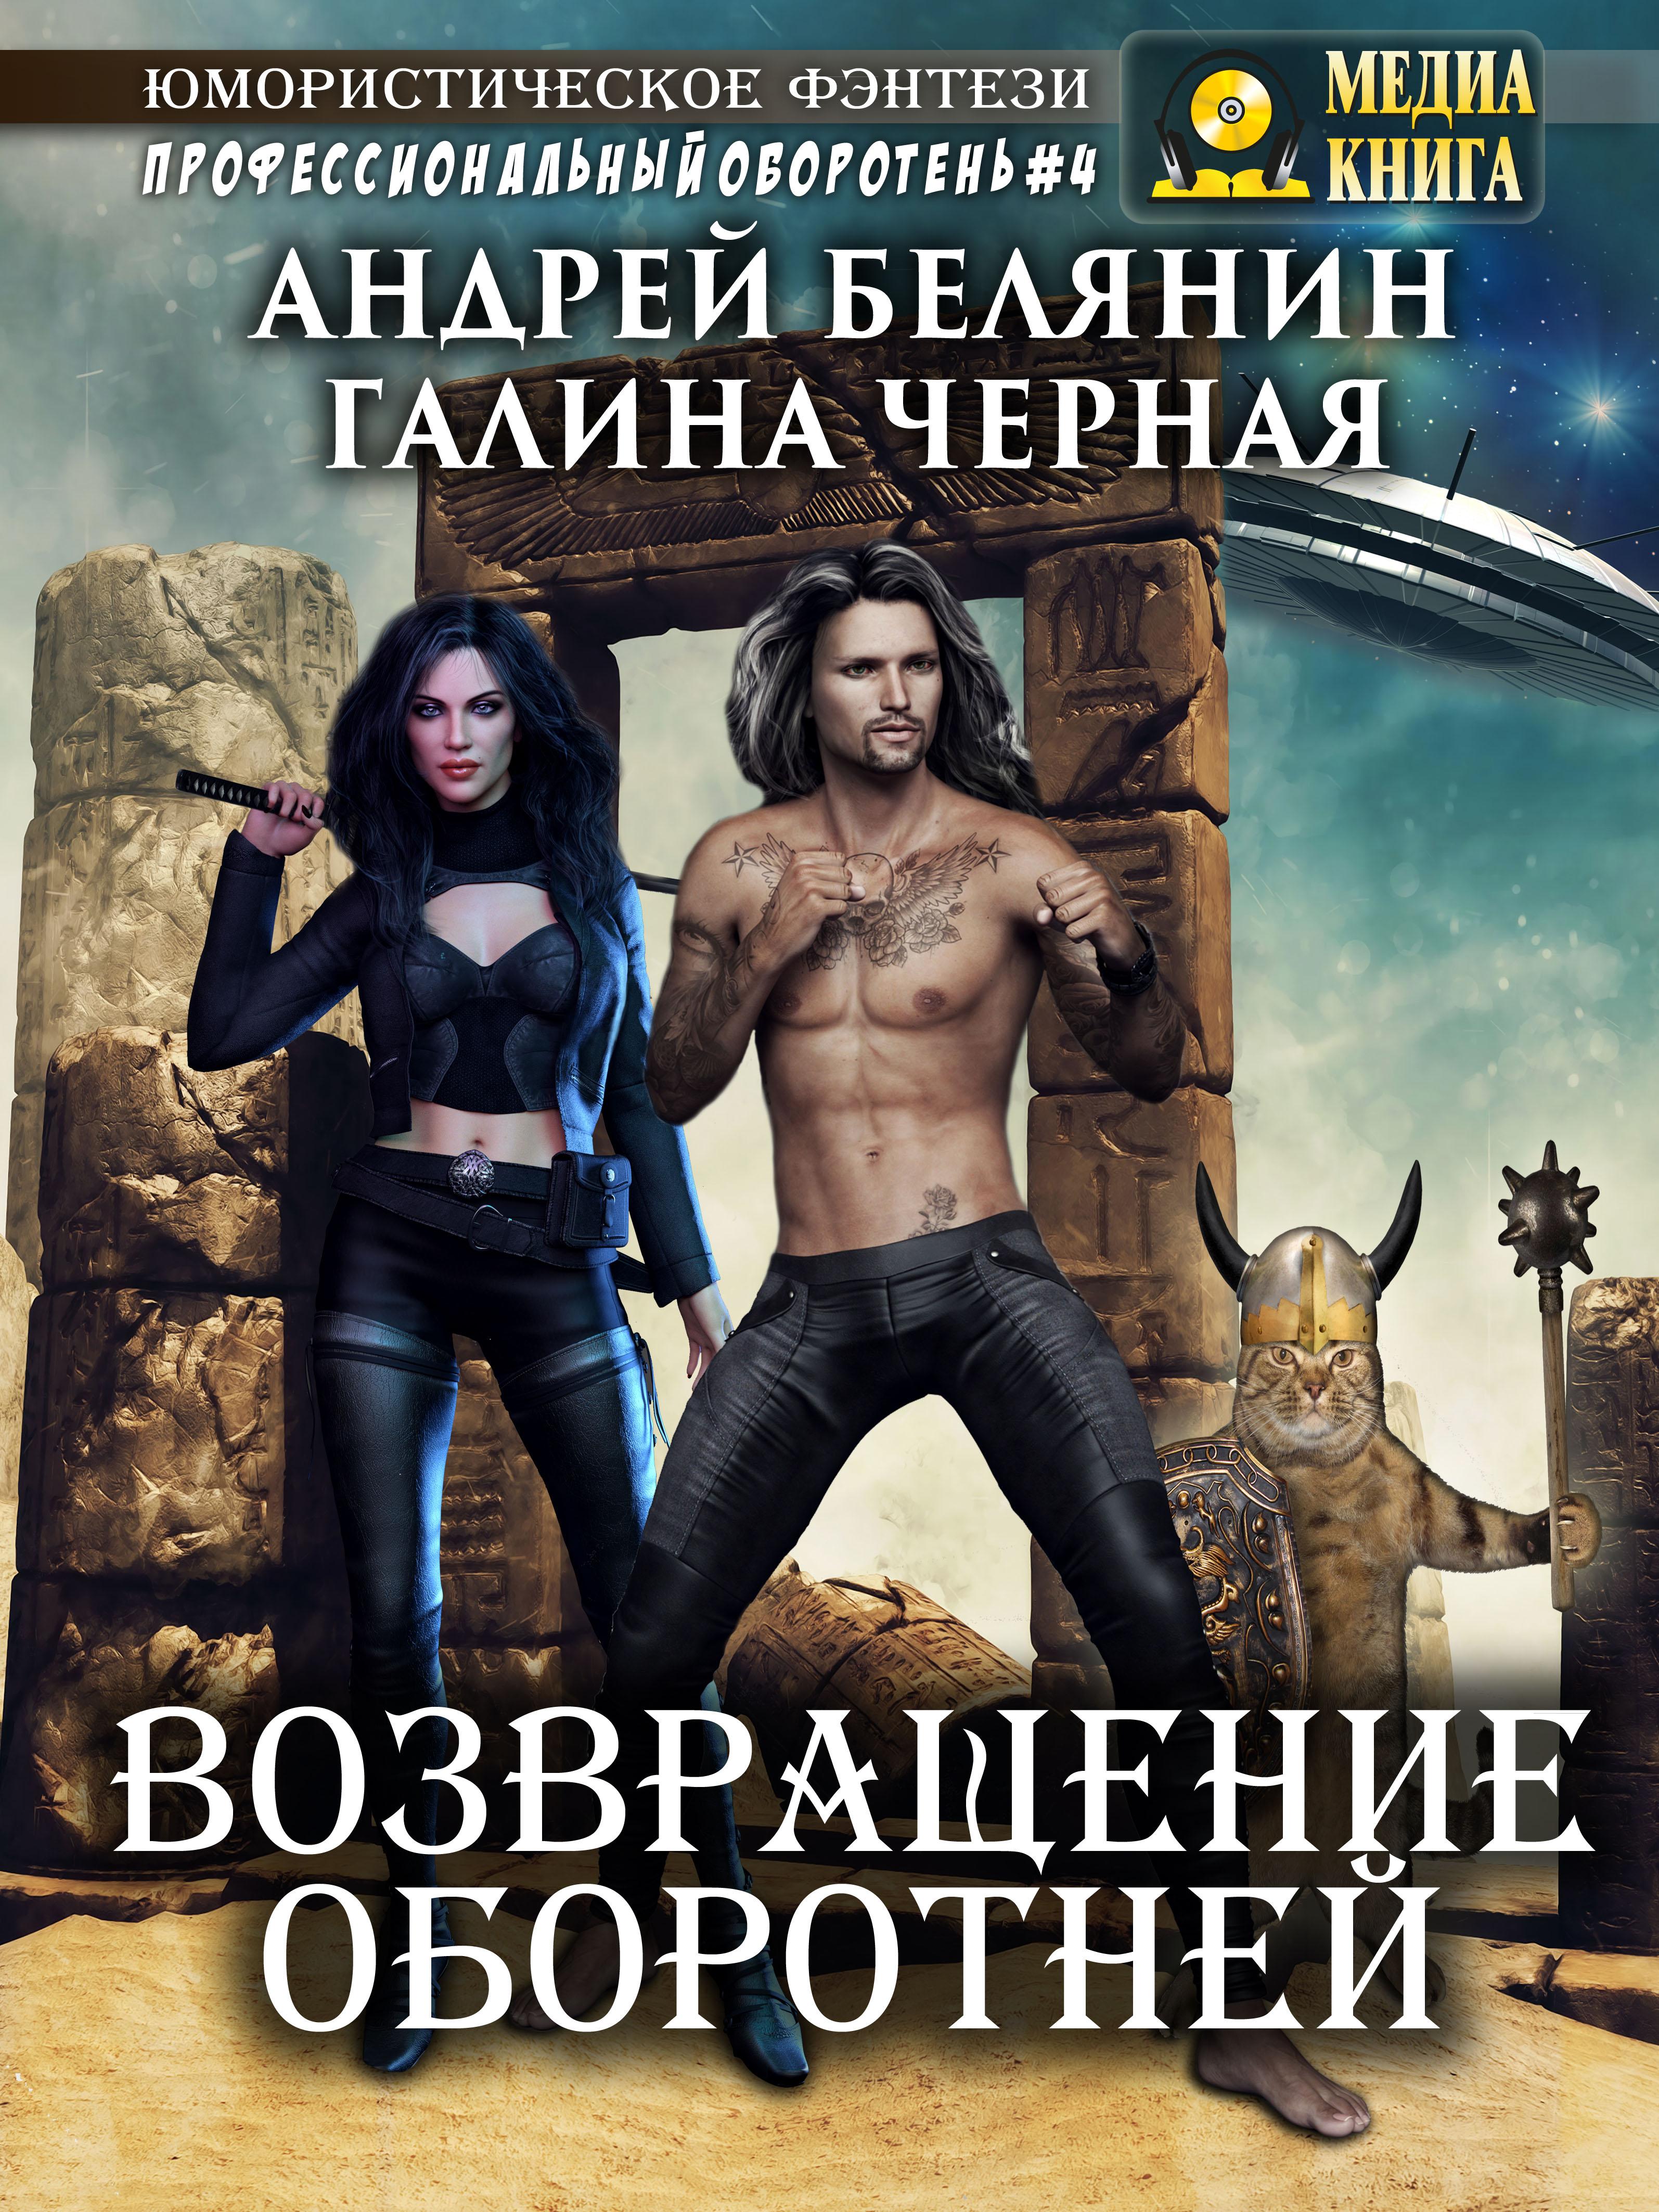 Андрей Белянин, Галина Черная «Возвращение оборотней»